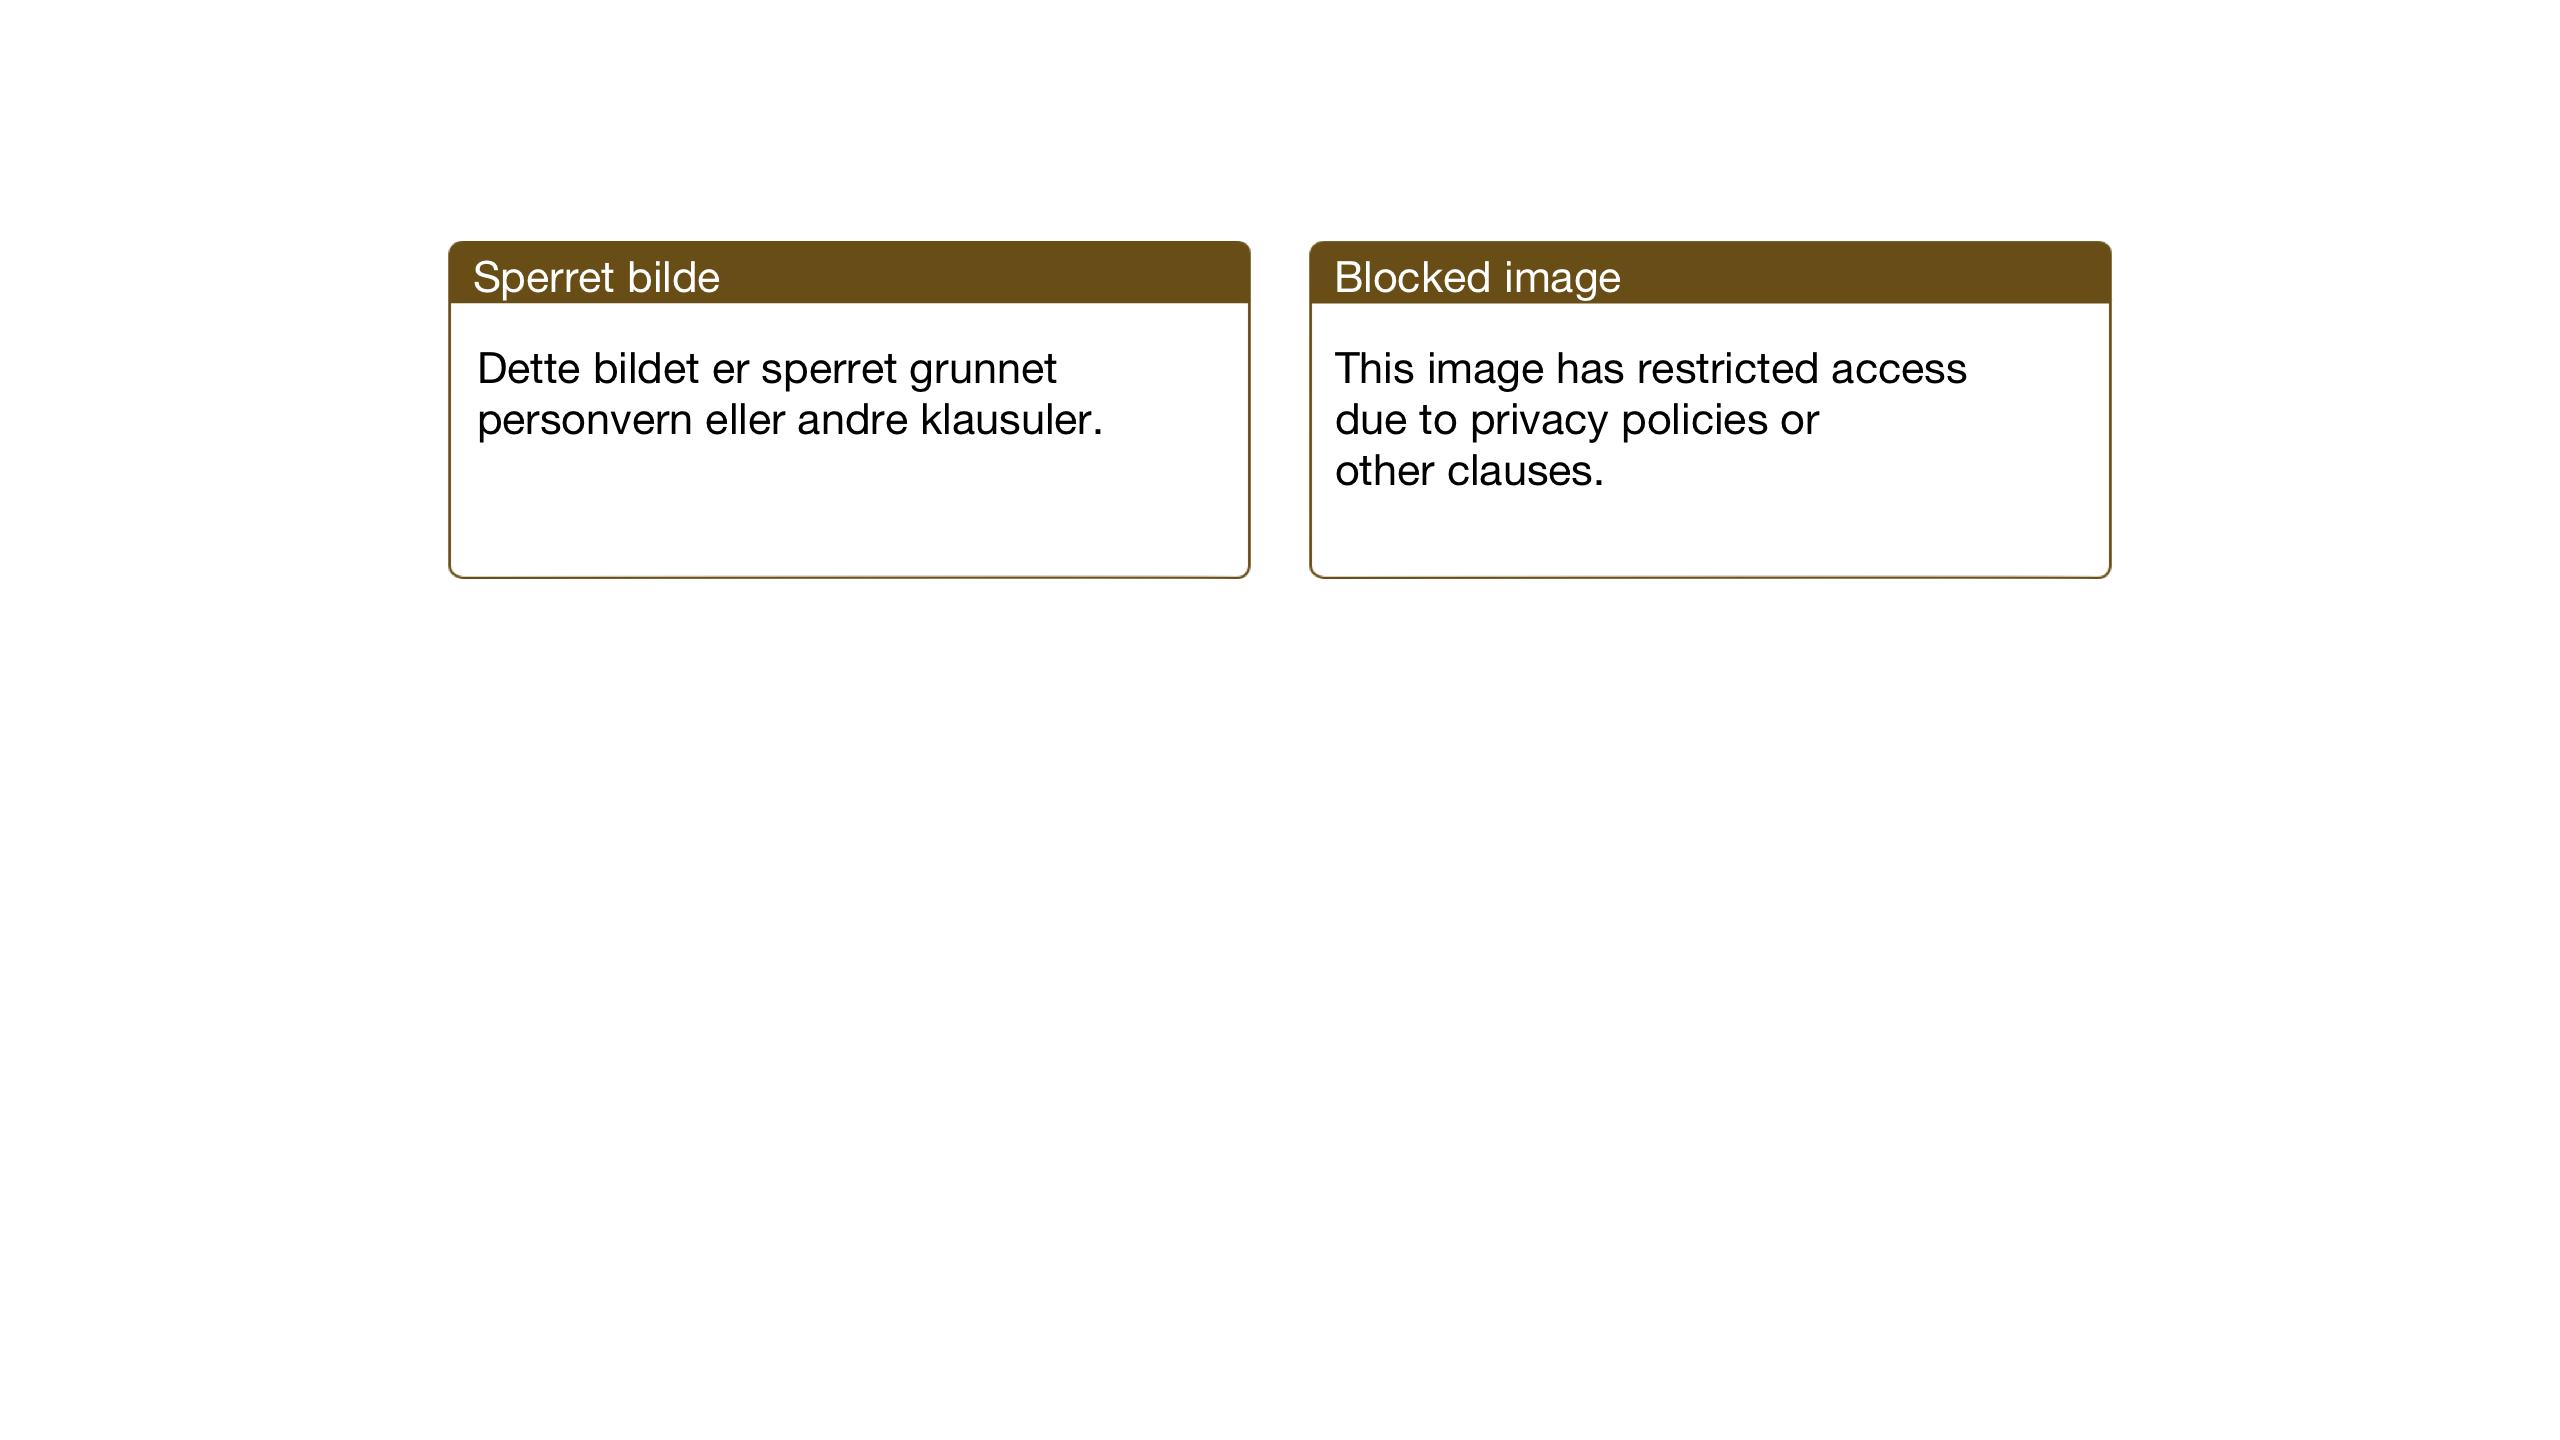 SAT, Ministerialprotokoller, klokkerbøker og fødselsregistre - Sør-Trøndelag, 681/L0944: Klokkerbok nr. 681C08, 1926-1954, s. 79